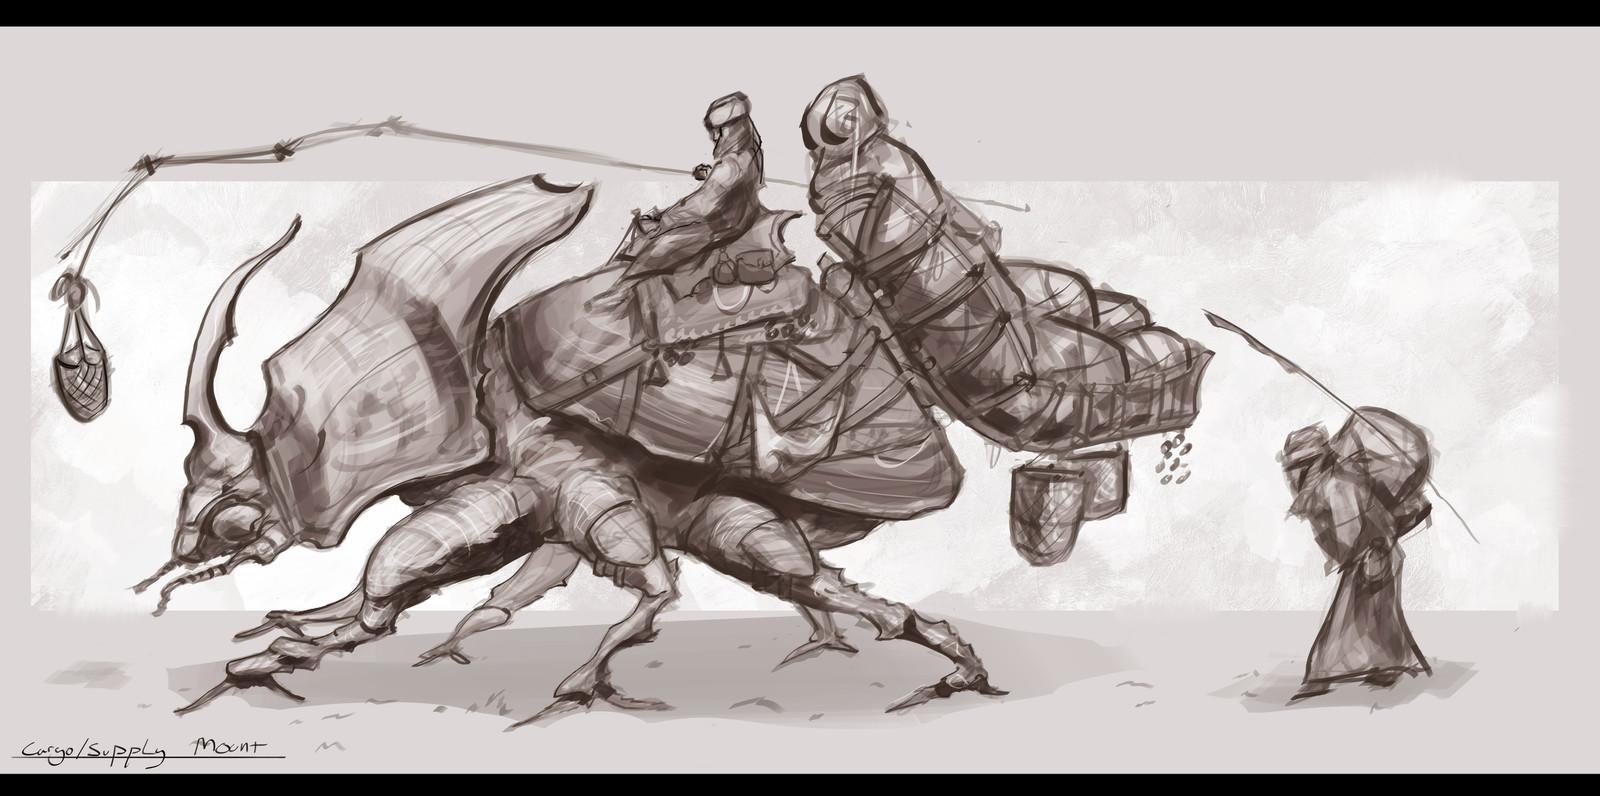 Beetle mounts